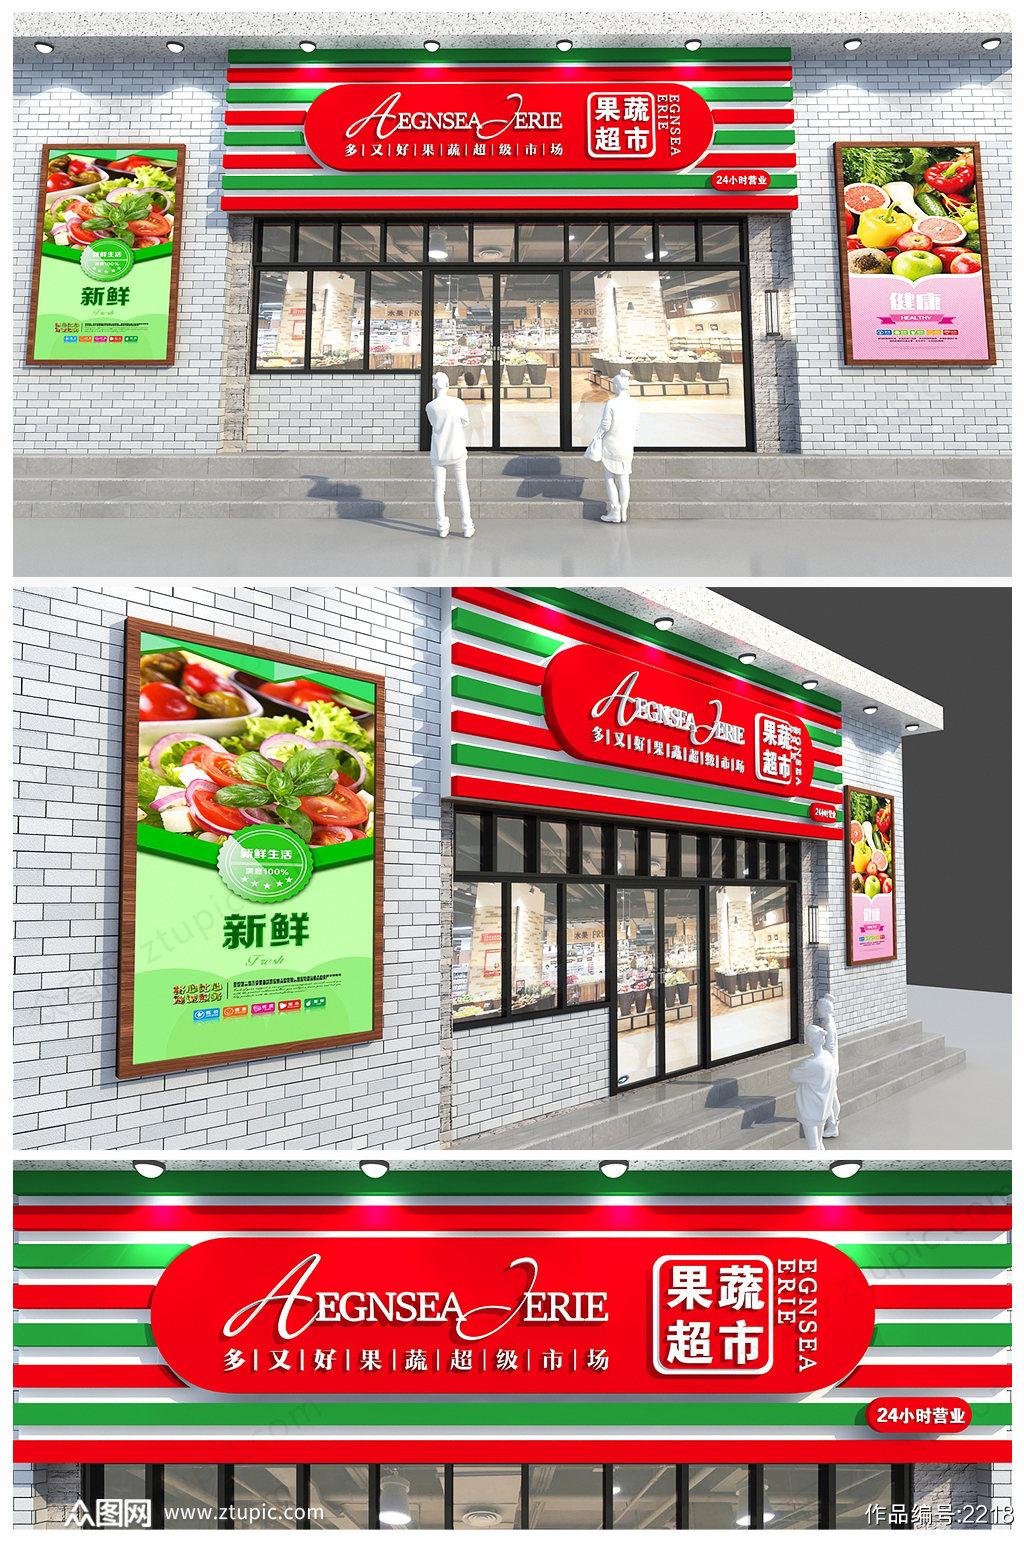 绿色清爽水果店蔬菜店门头招牌设计素材